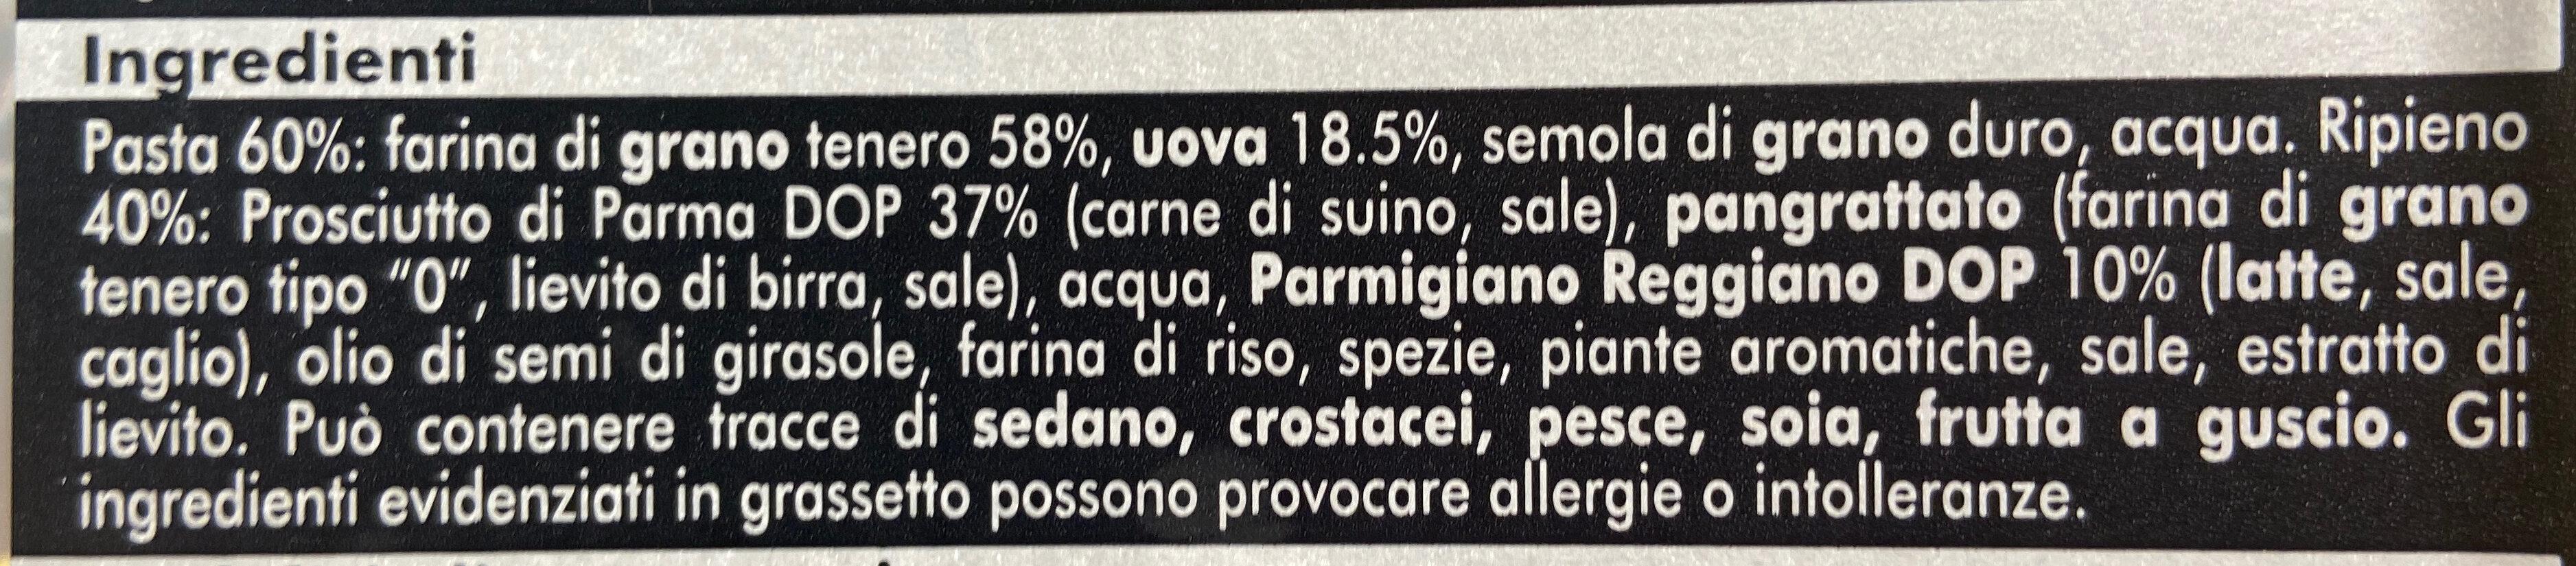 Tortellini al prosciutto di parma - Ingredienti - it